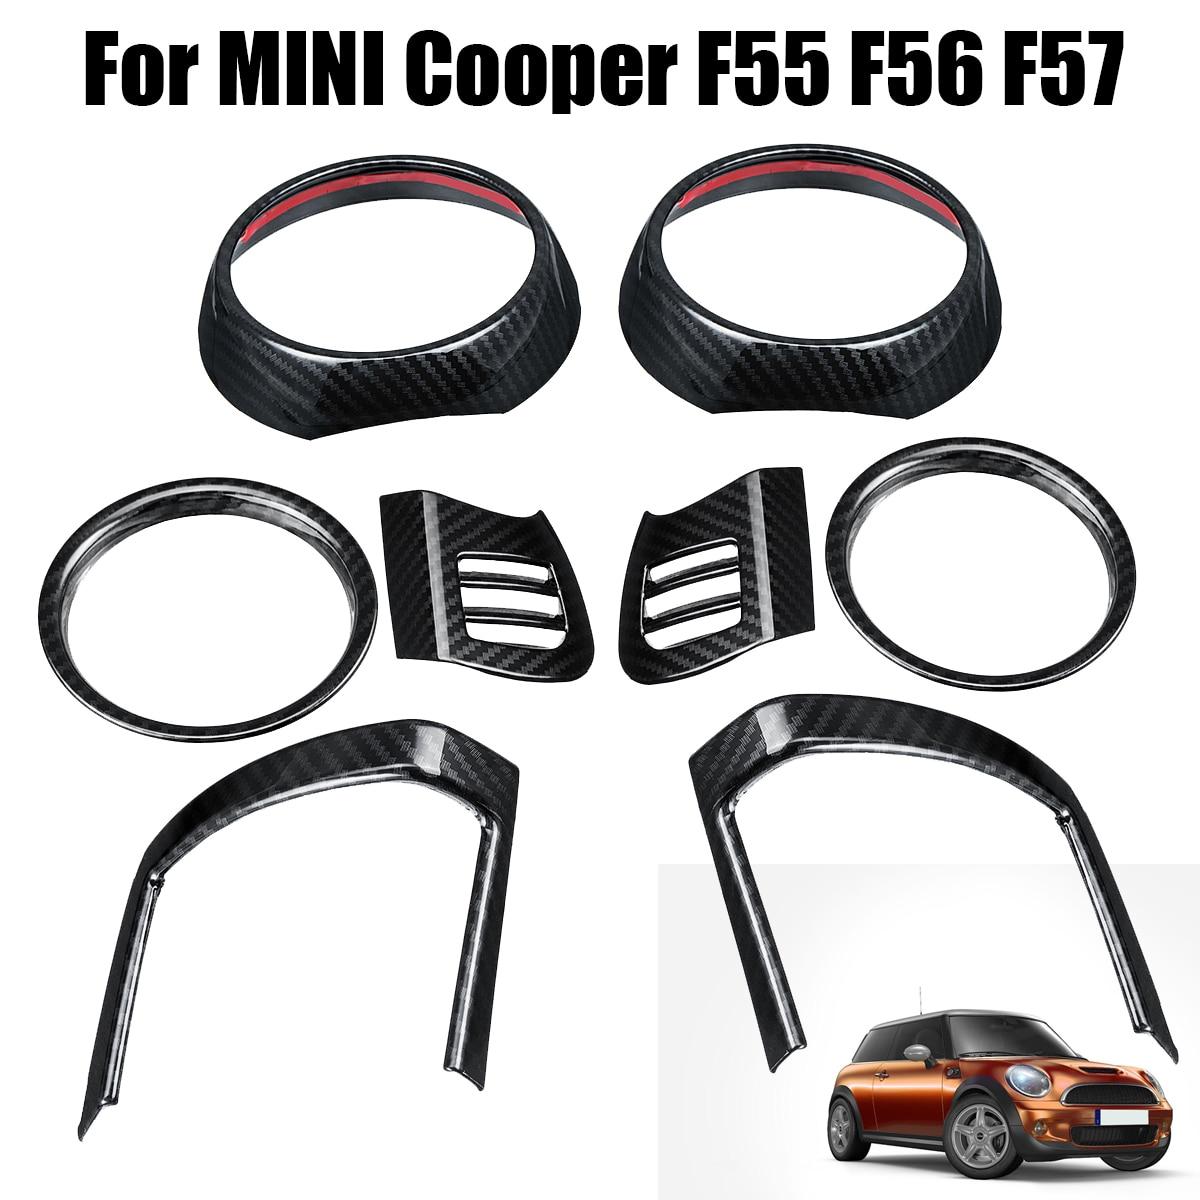 8 шт. тире вентиляционное отверстие крышки для BMW для MINI для Cooper F55 F56 F57 углеродного волокна интерьера Молдинги авто выход воздуха Trims наклейк...